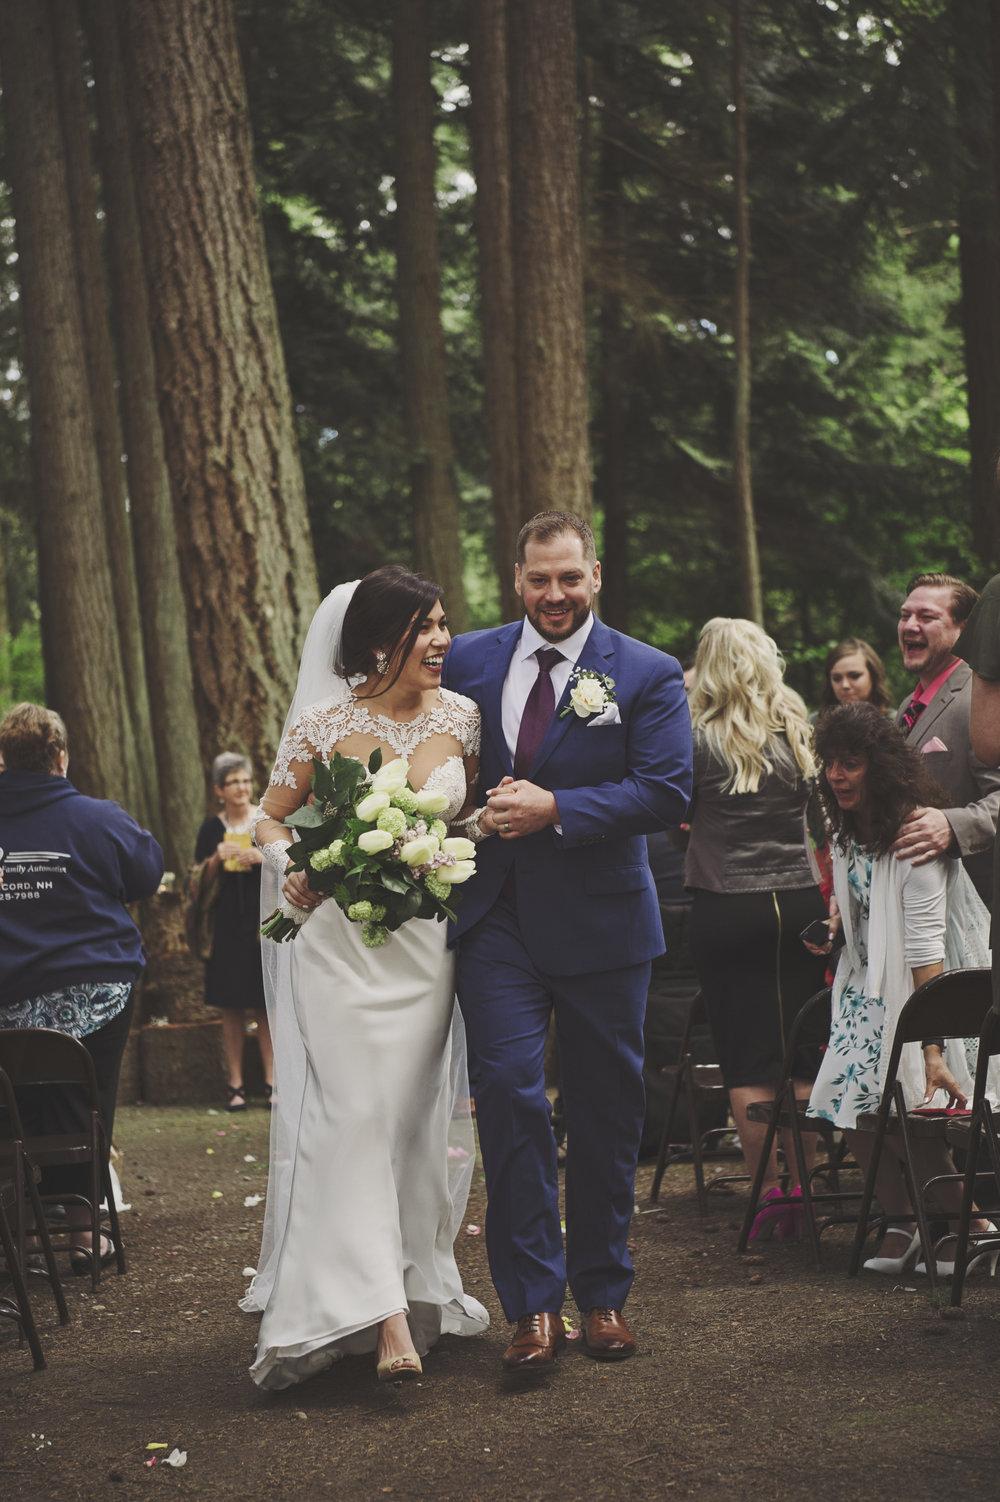 Kim La Plante + Nick Samet_Poulsbo Wedding_Kitsap Memorial Park Wedding_Kelsey Lane Photography-9418 copy 2.jpg